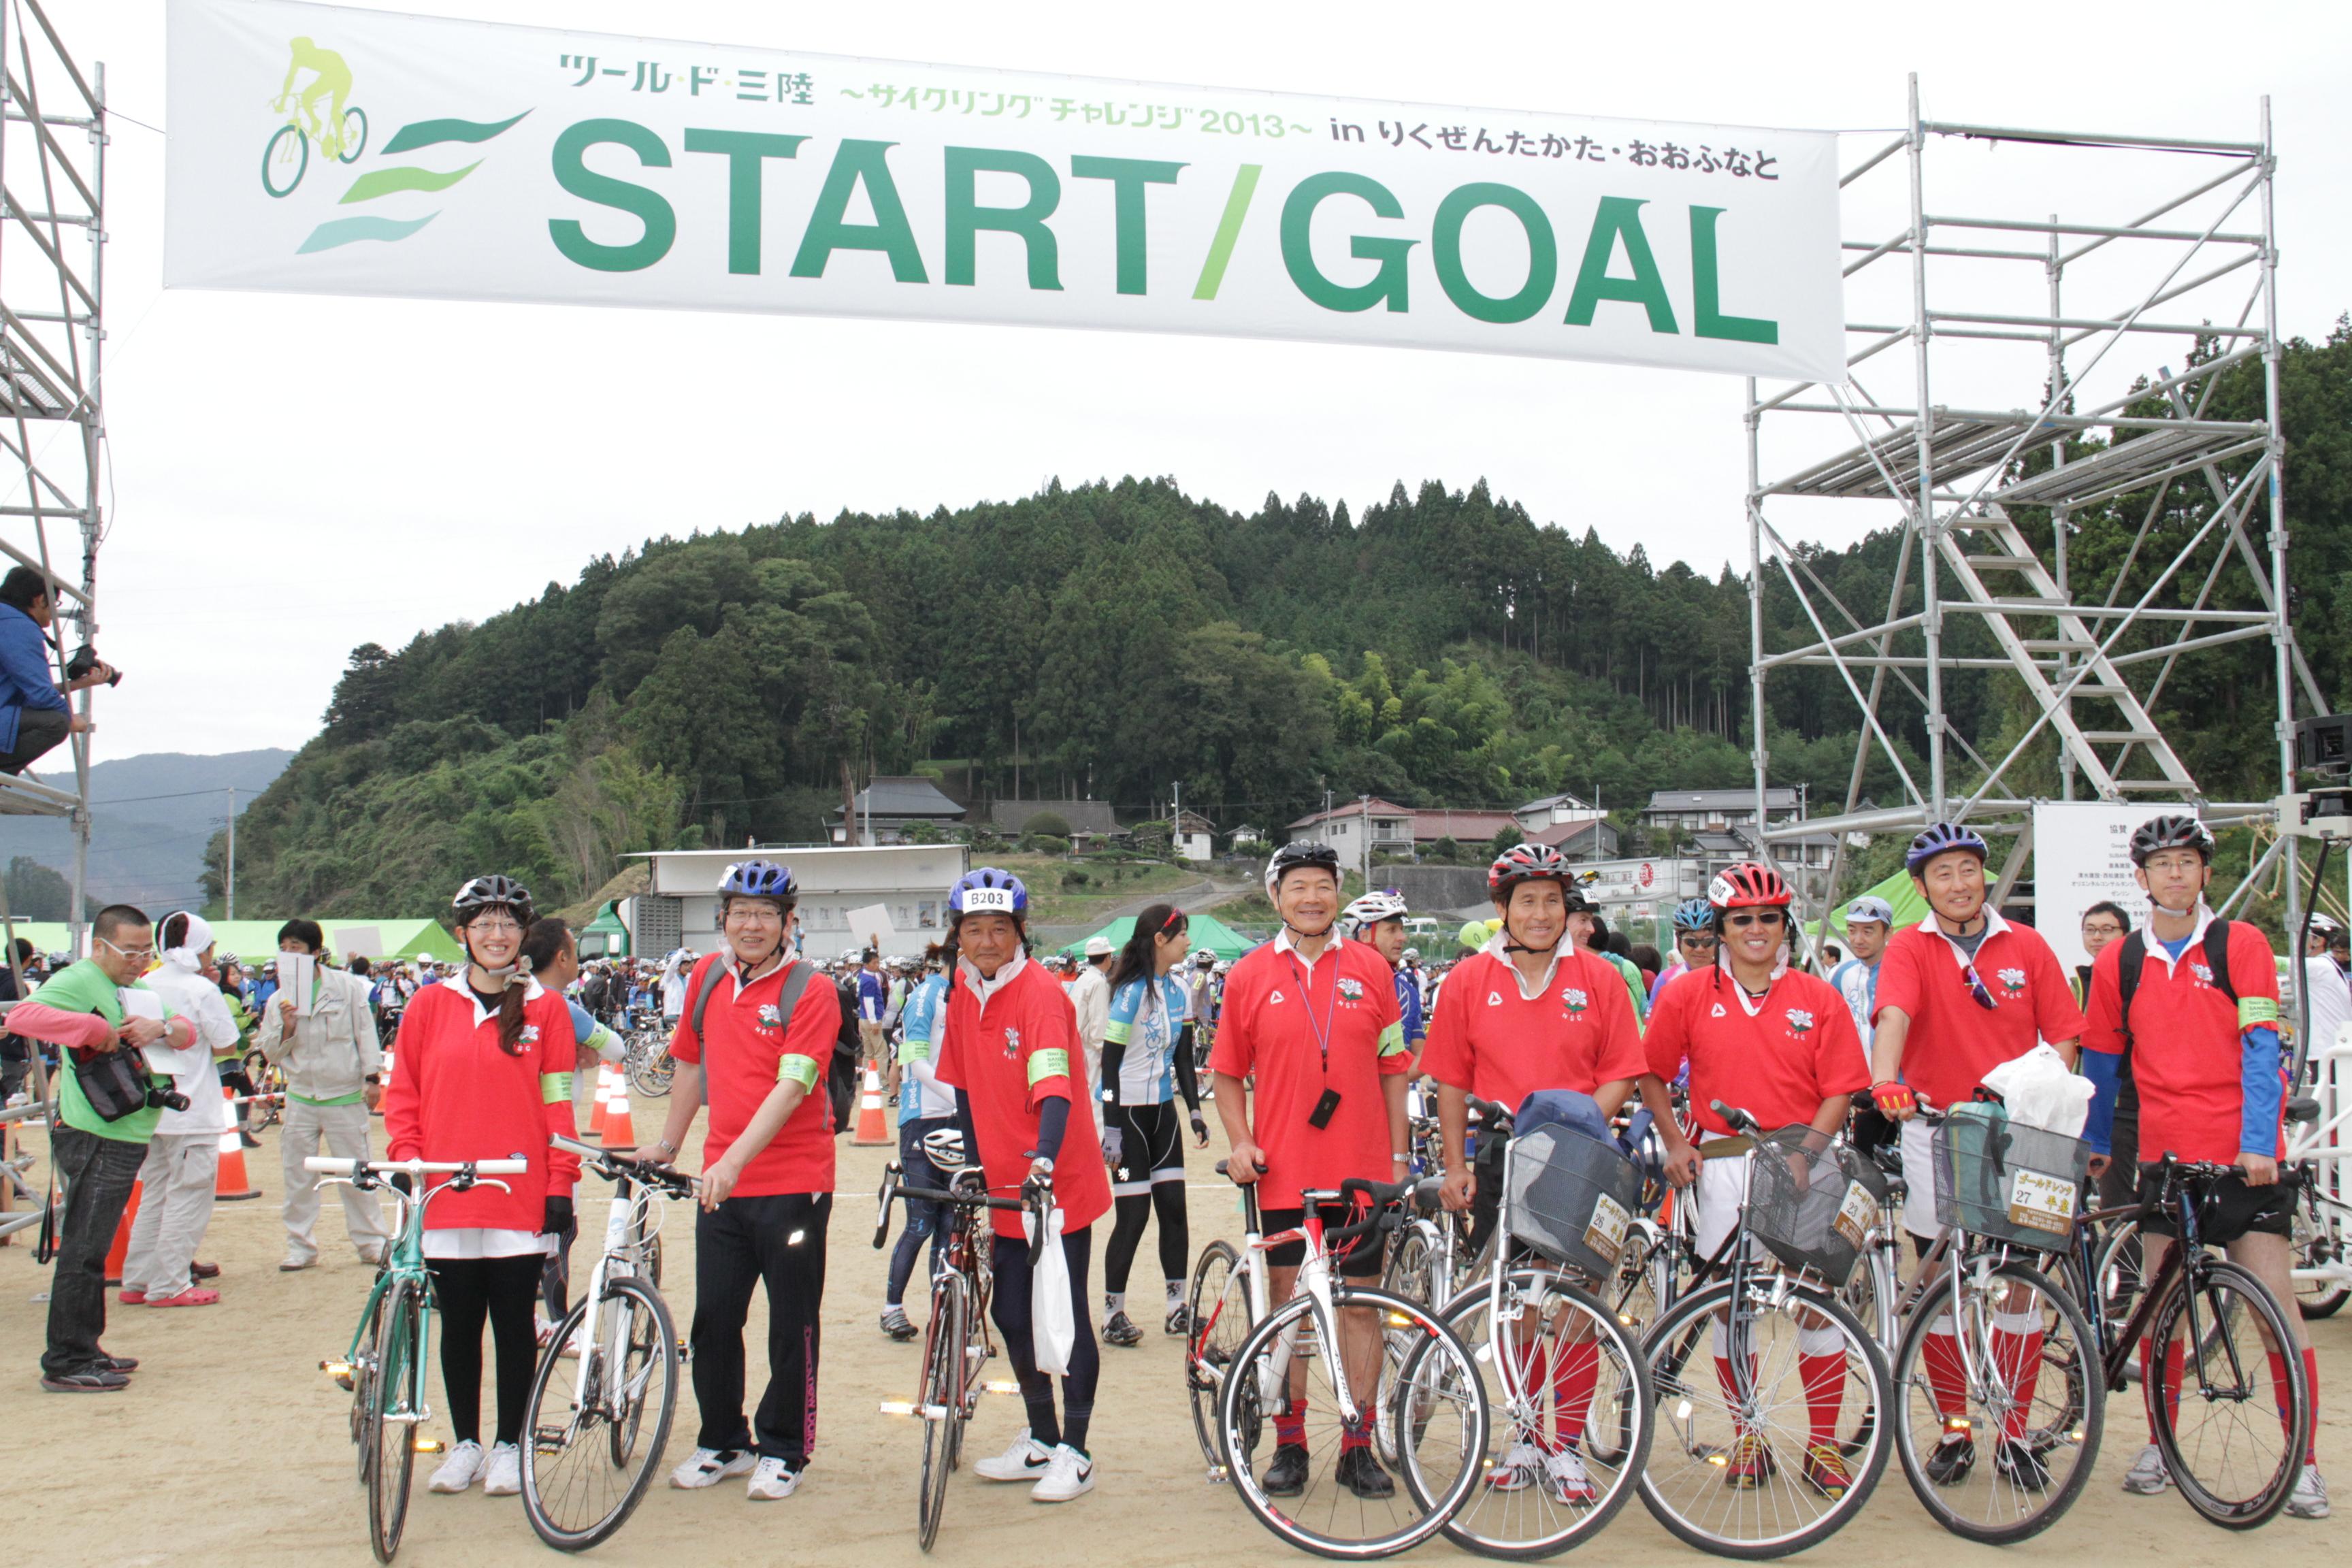 「第2回ツール・ド・三陸 サイクリングチャレンジ2013 inりくぜんたかた・おおふなと」に参加